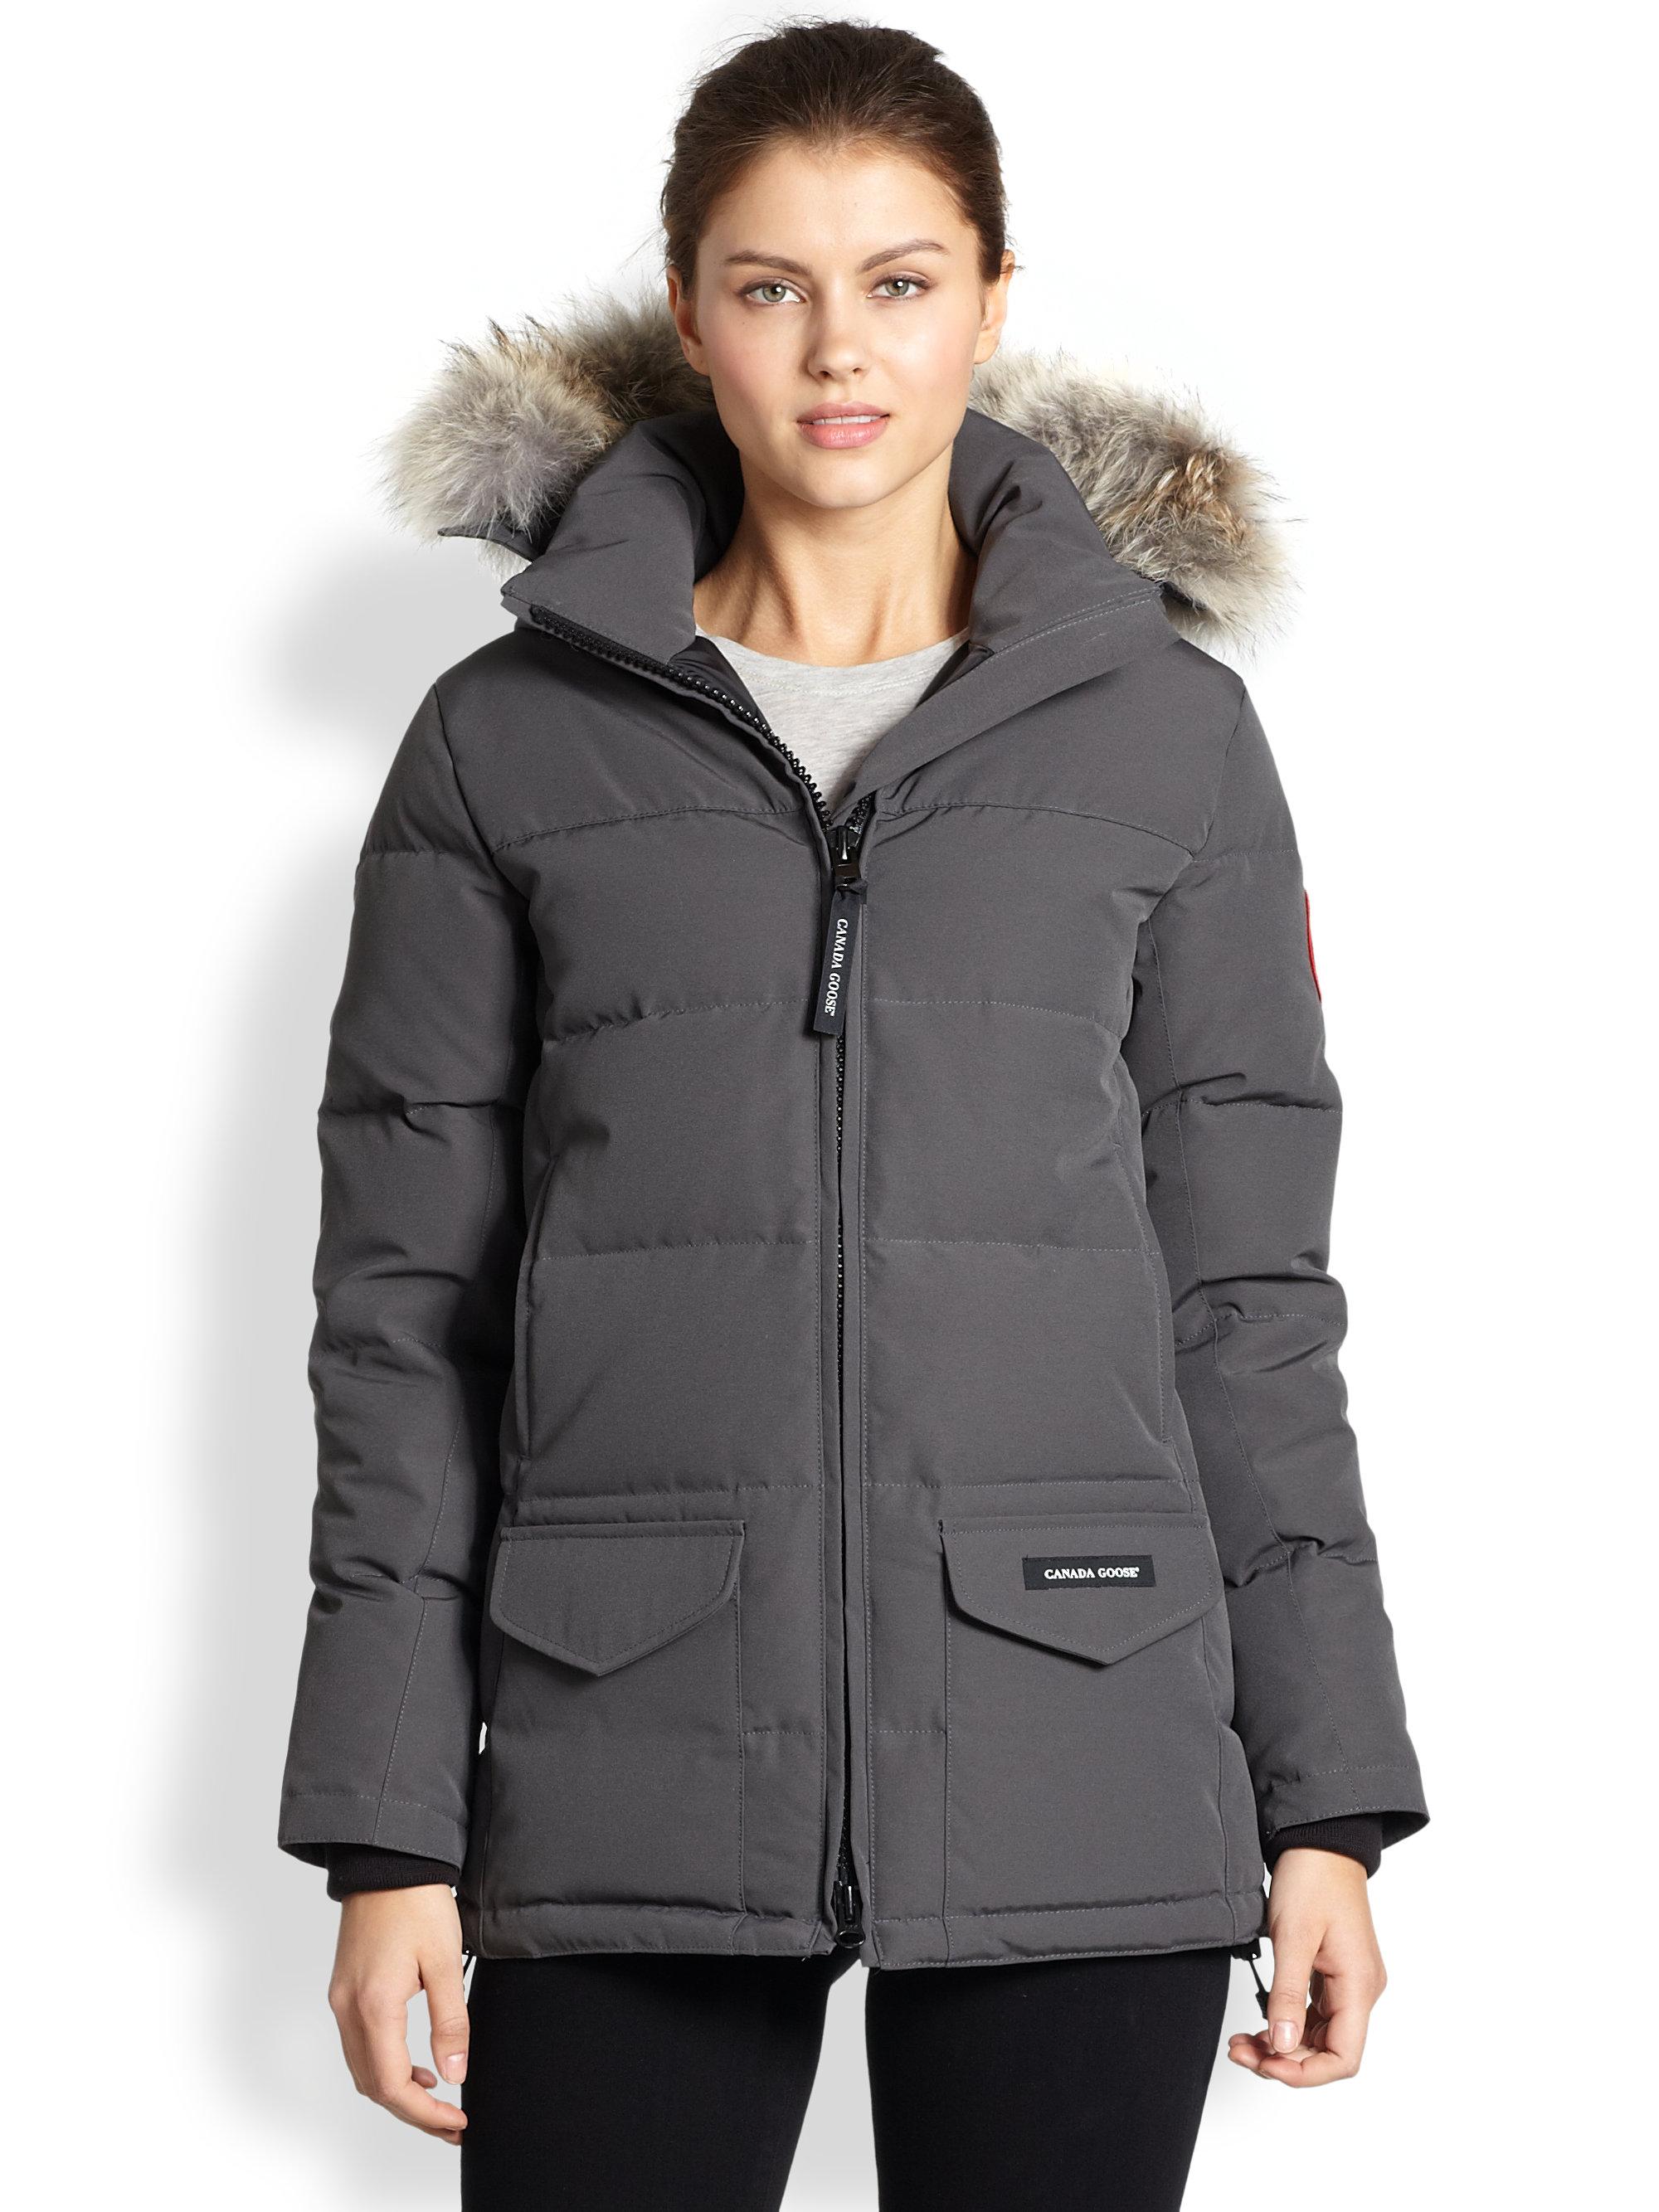 canada goose jackets fur canada goose jackets for cheap